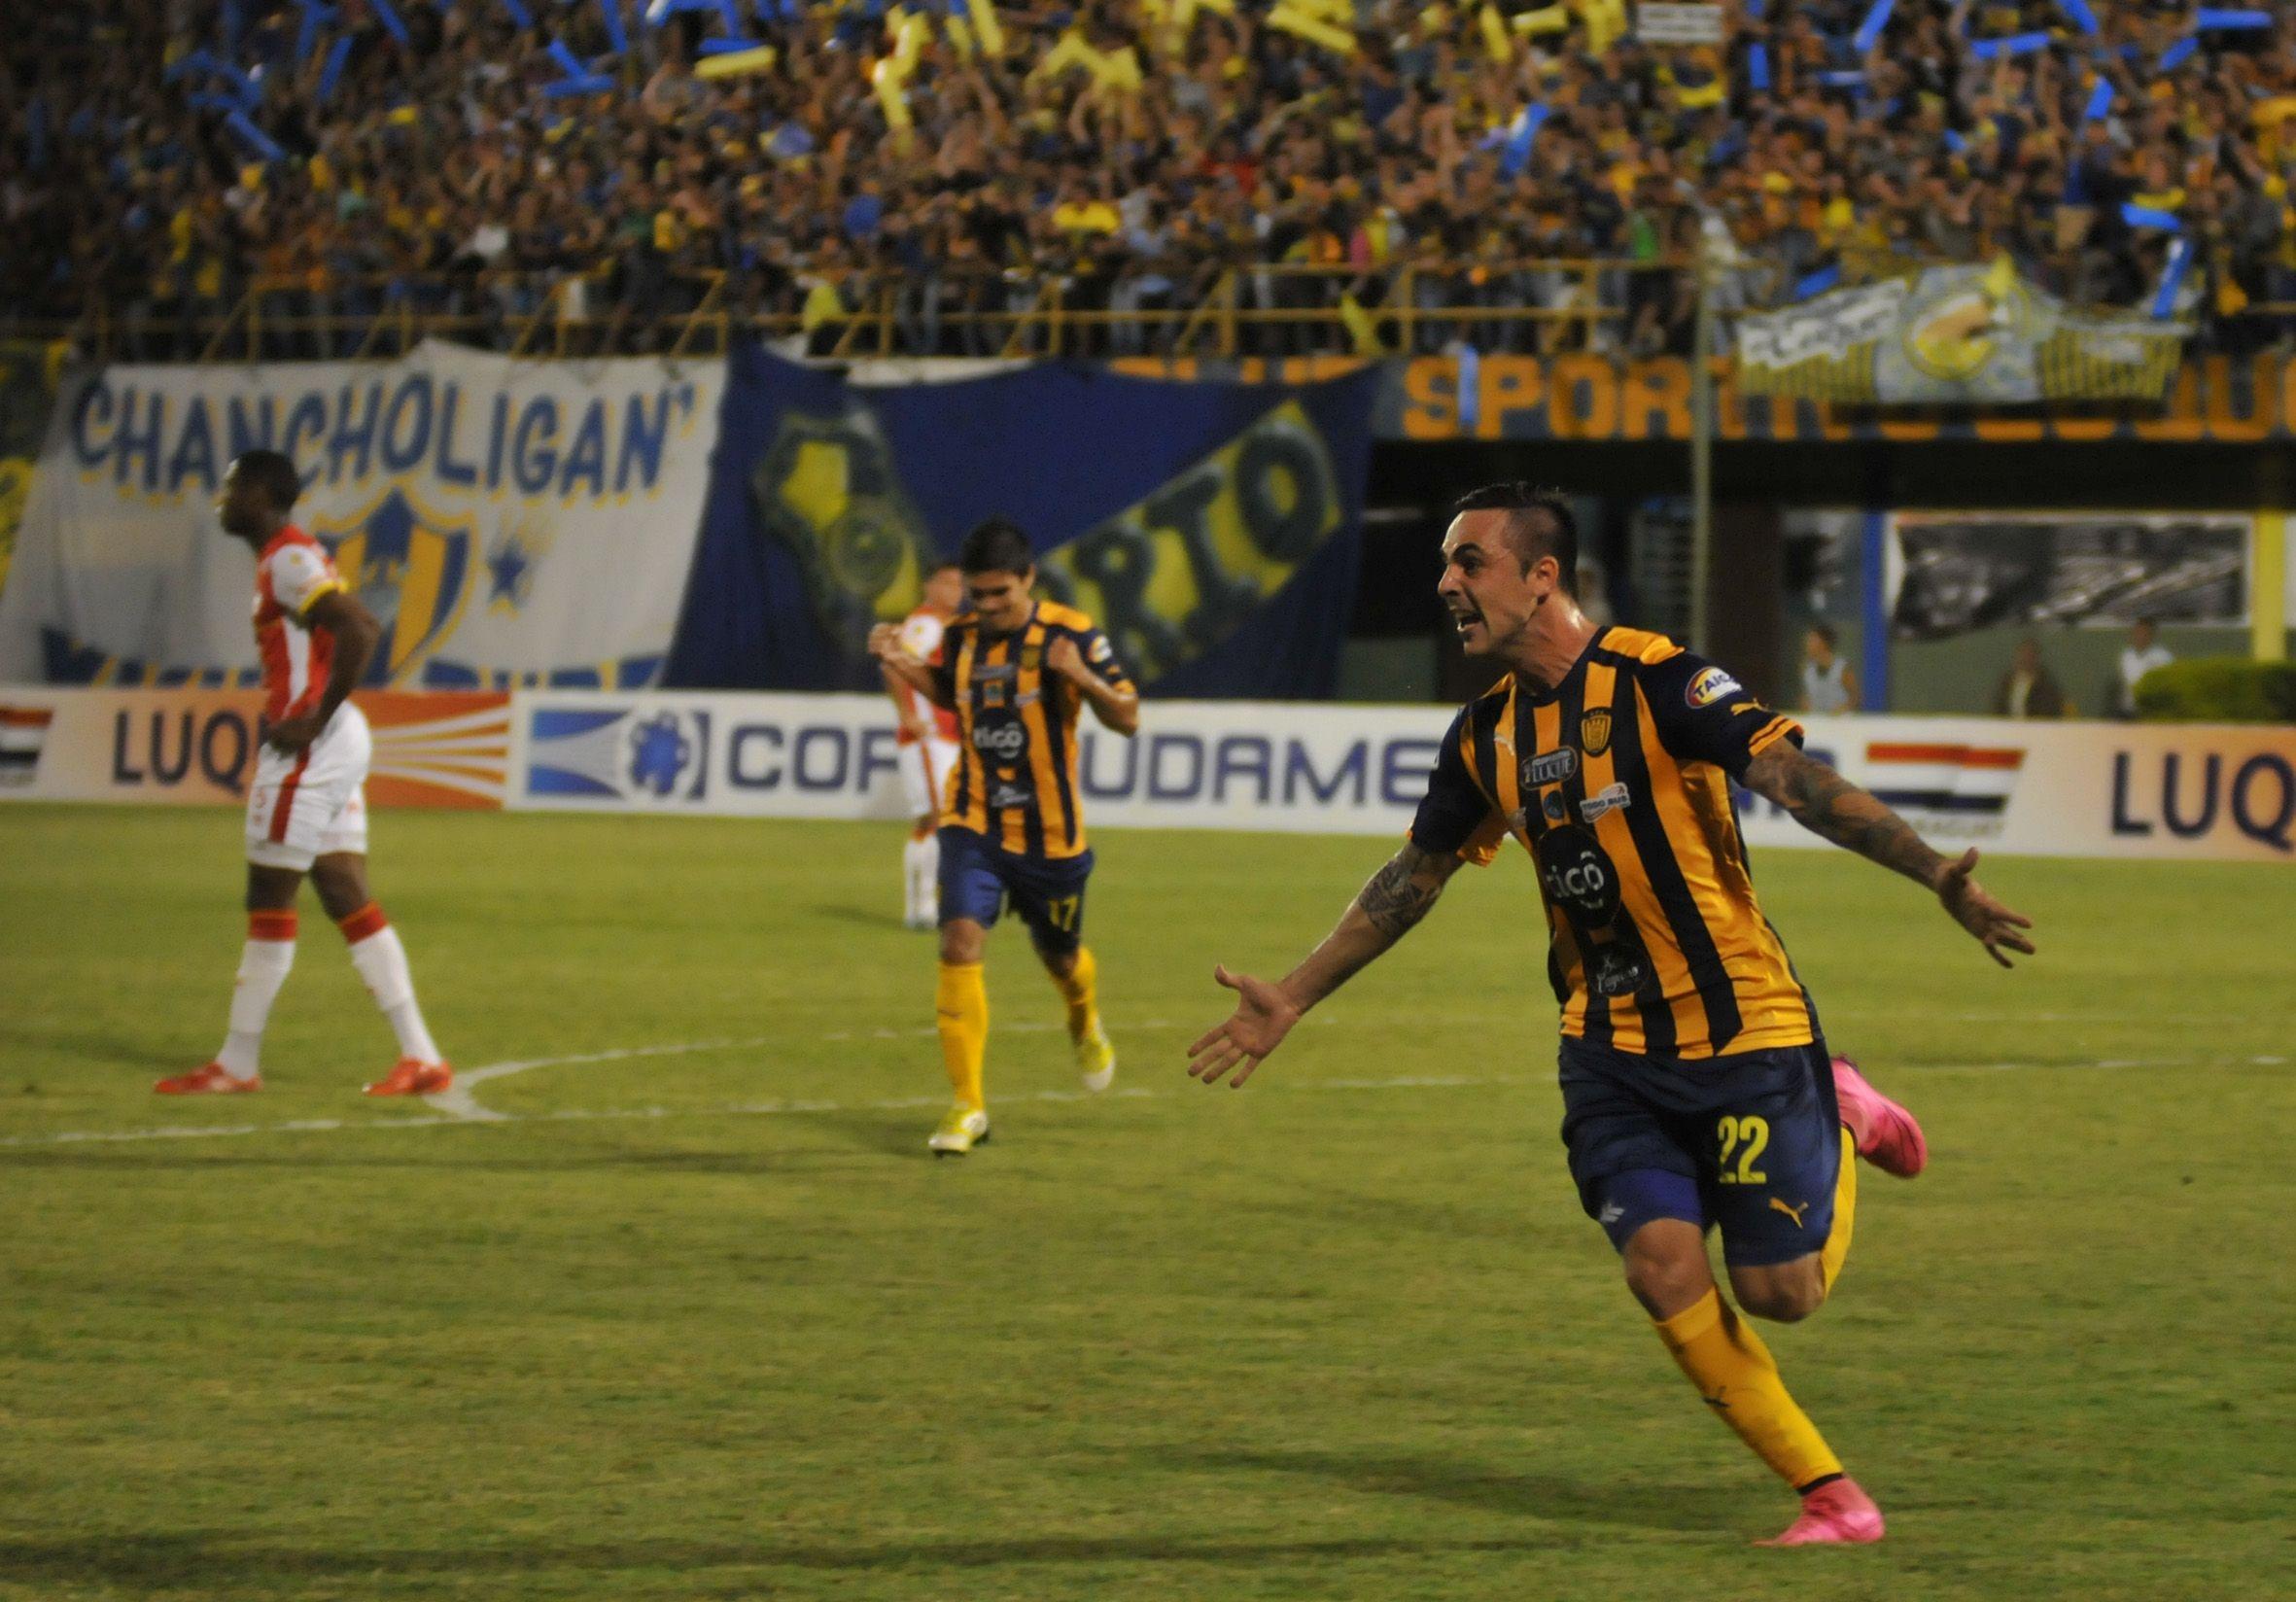 Di Vanni marcó el gol auriazul. Foto: Rubén Alfonso - Última Hora.